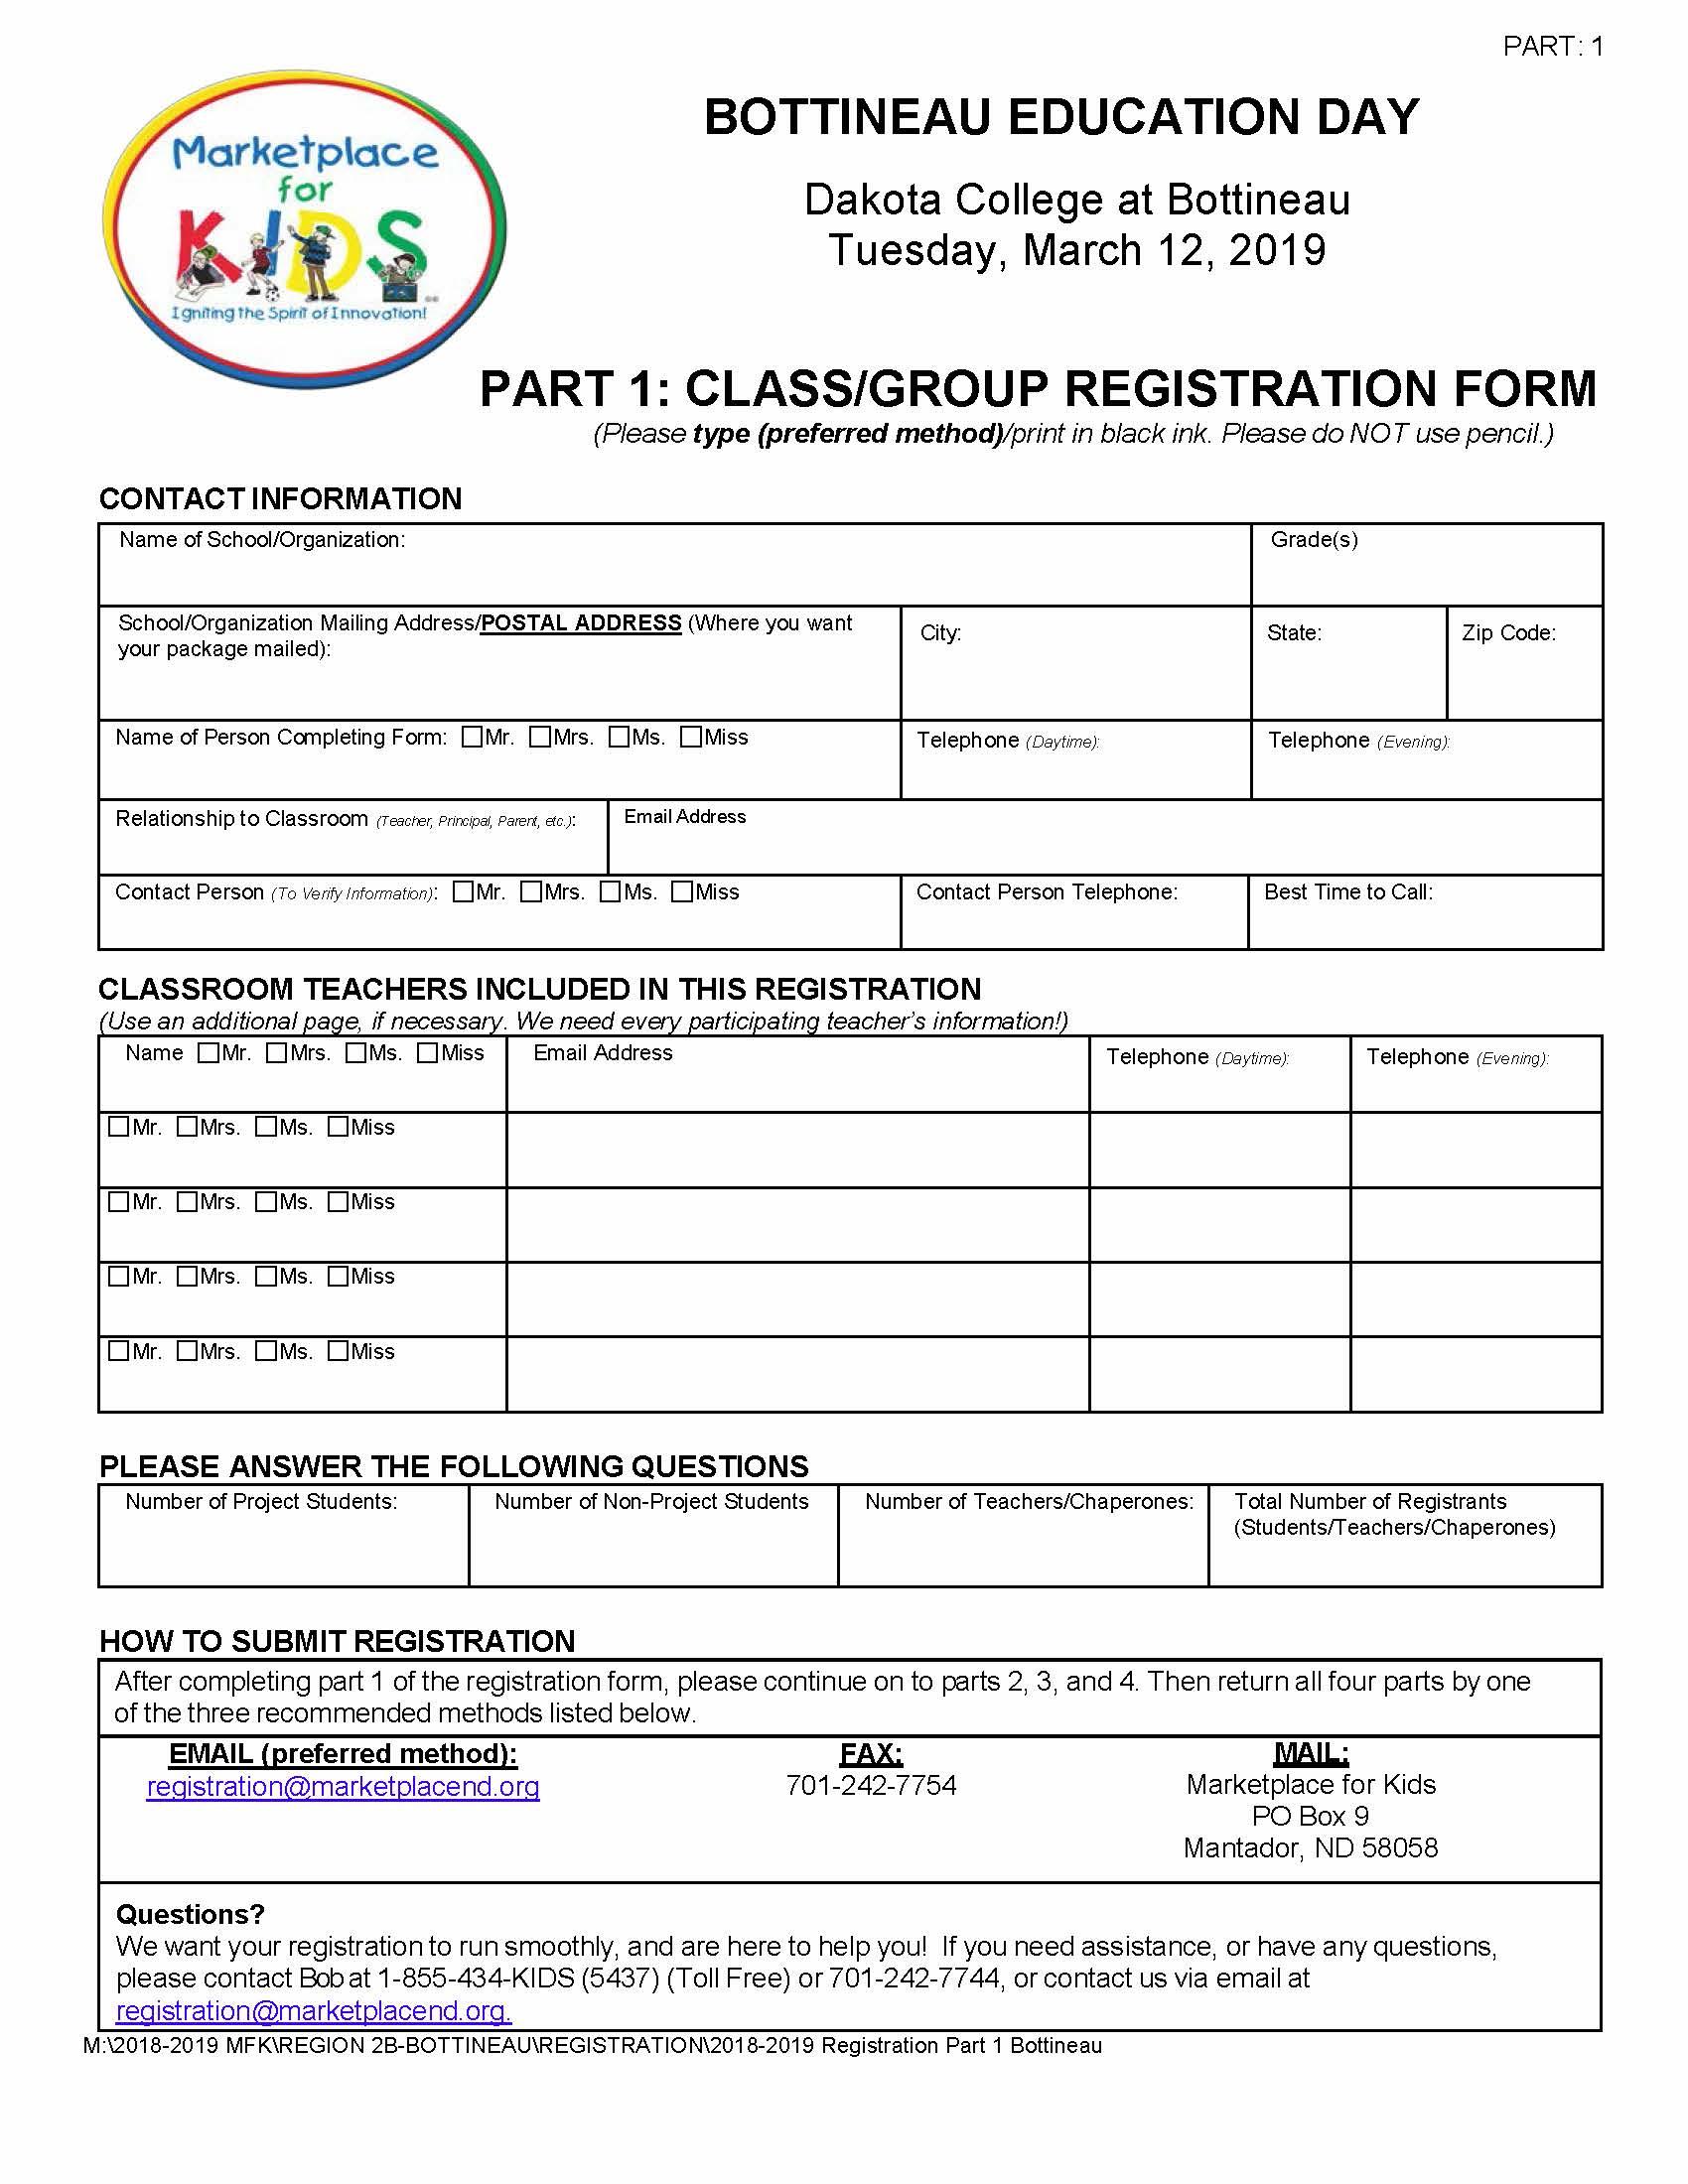 Bottineau Registration Part 1